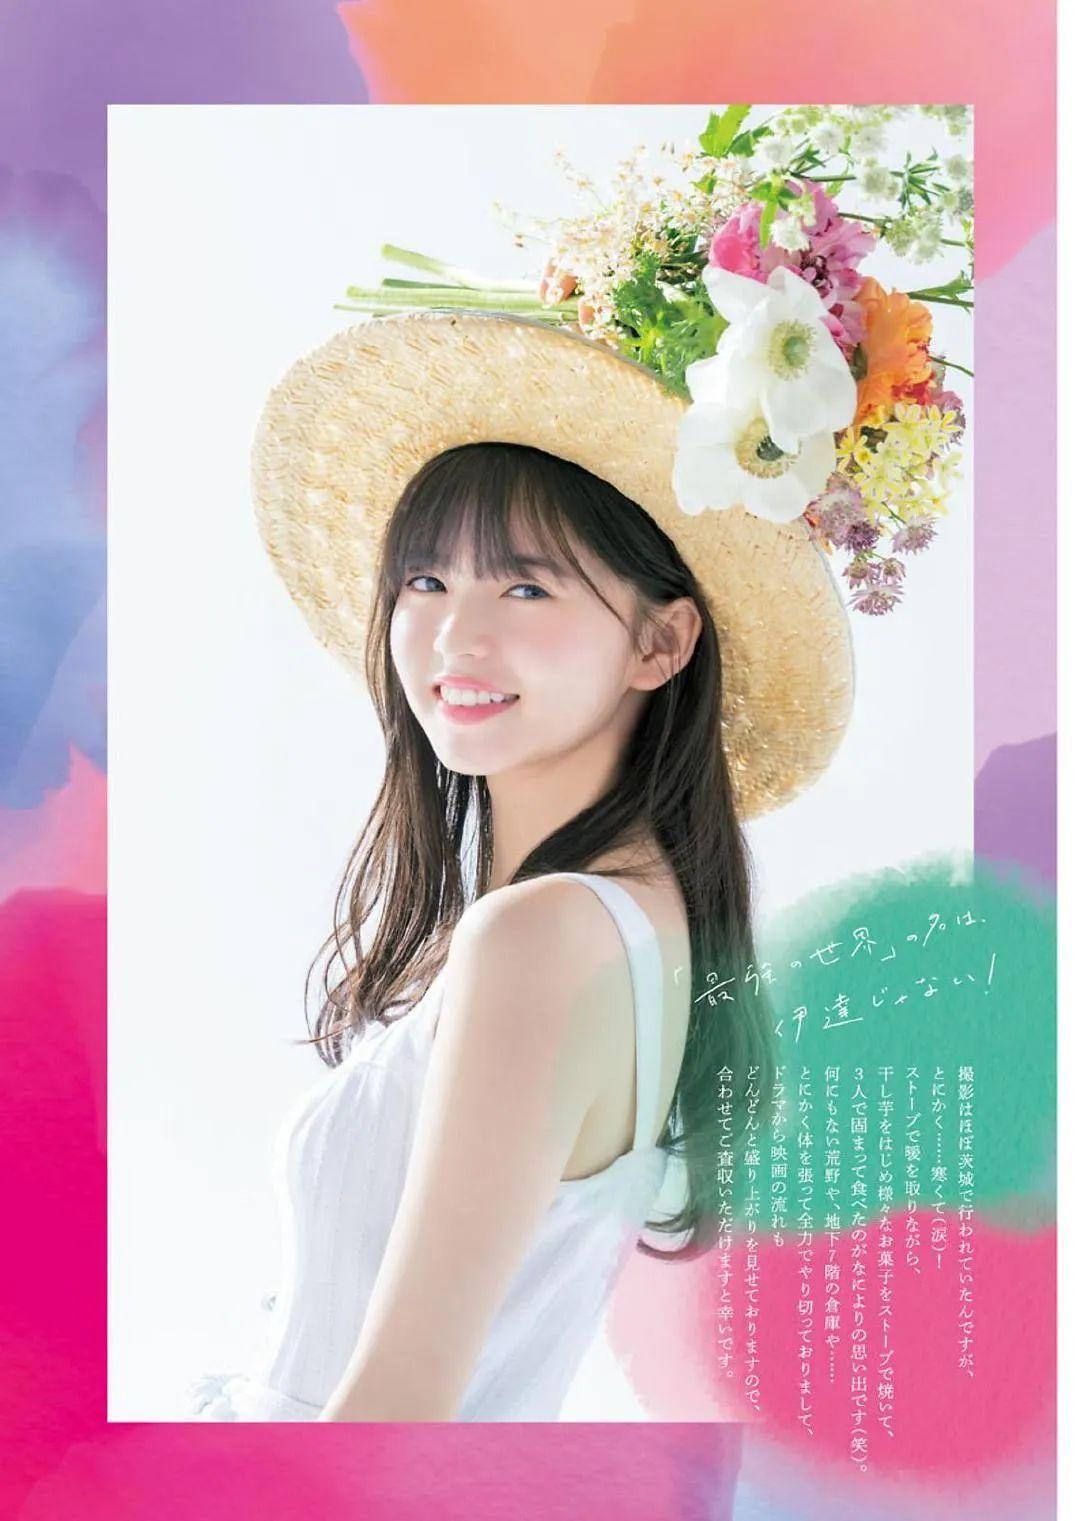 2020 No.22-23 #斋藤飞鸟#ビッグコミックスピリッツ封面_图片 No.5